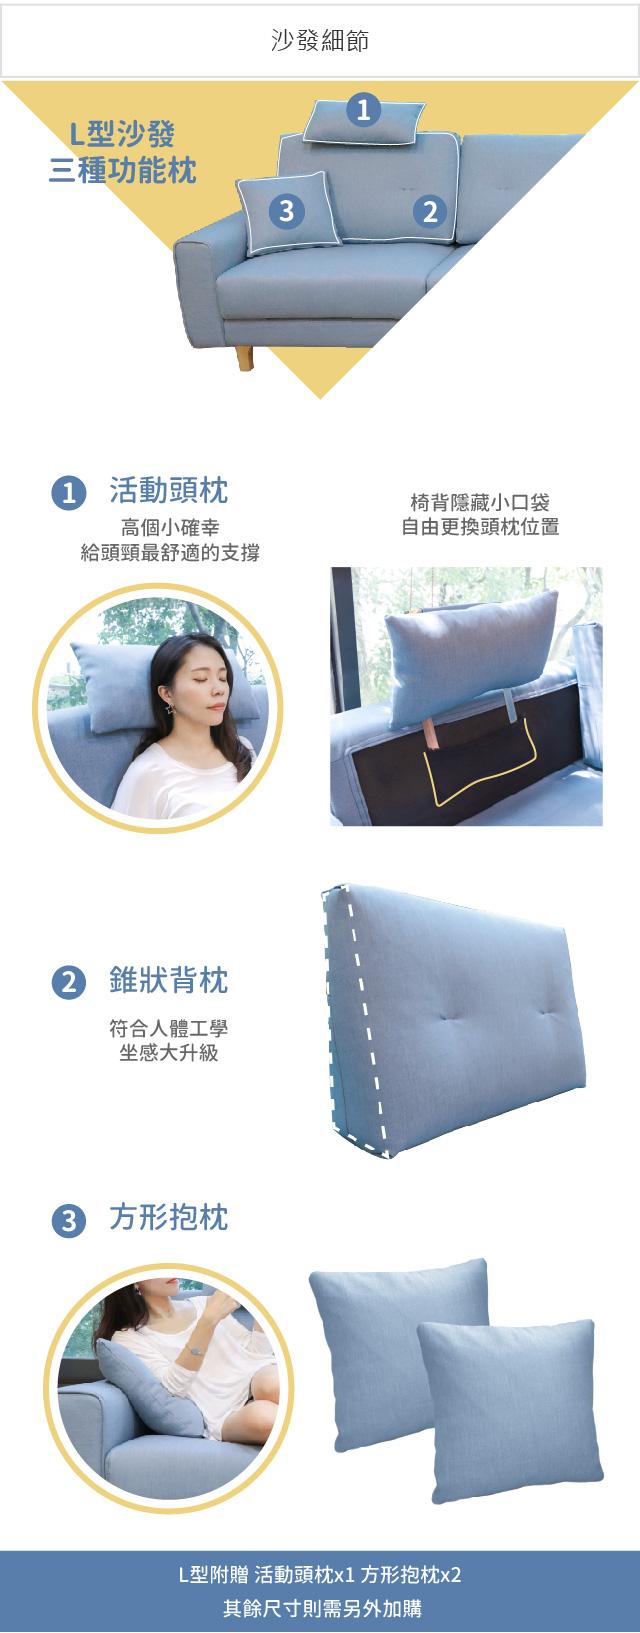 617涼感沙發各式功能枕頭